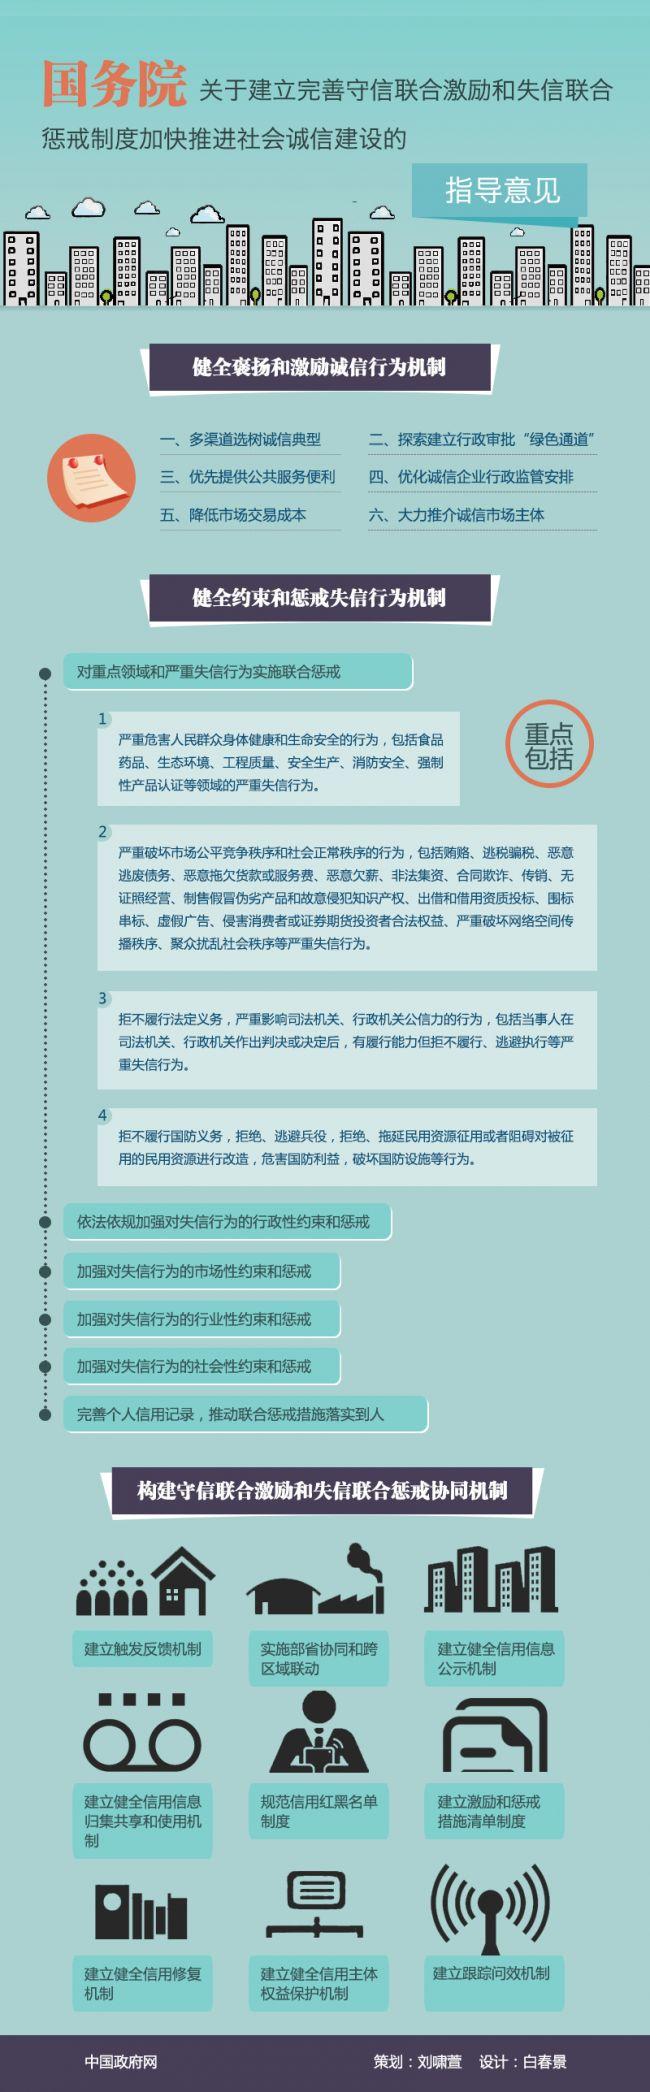 国发[2016]33号文图解:建立完善守信联合激励和失信联合惩戒制度 加快